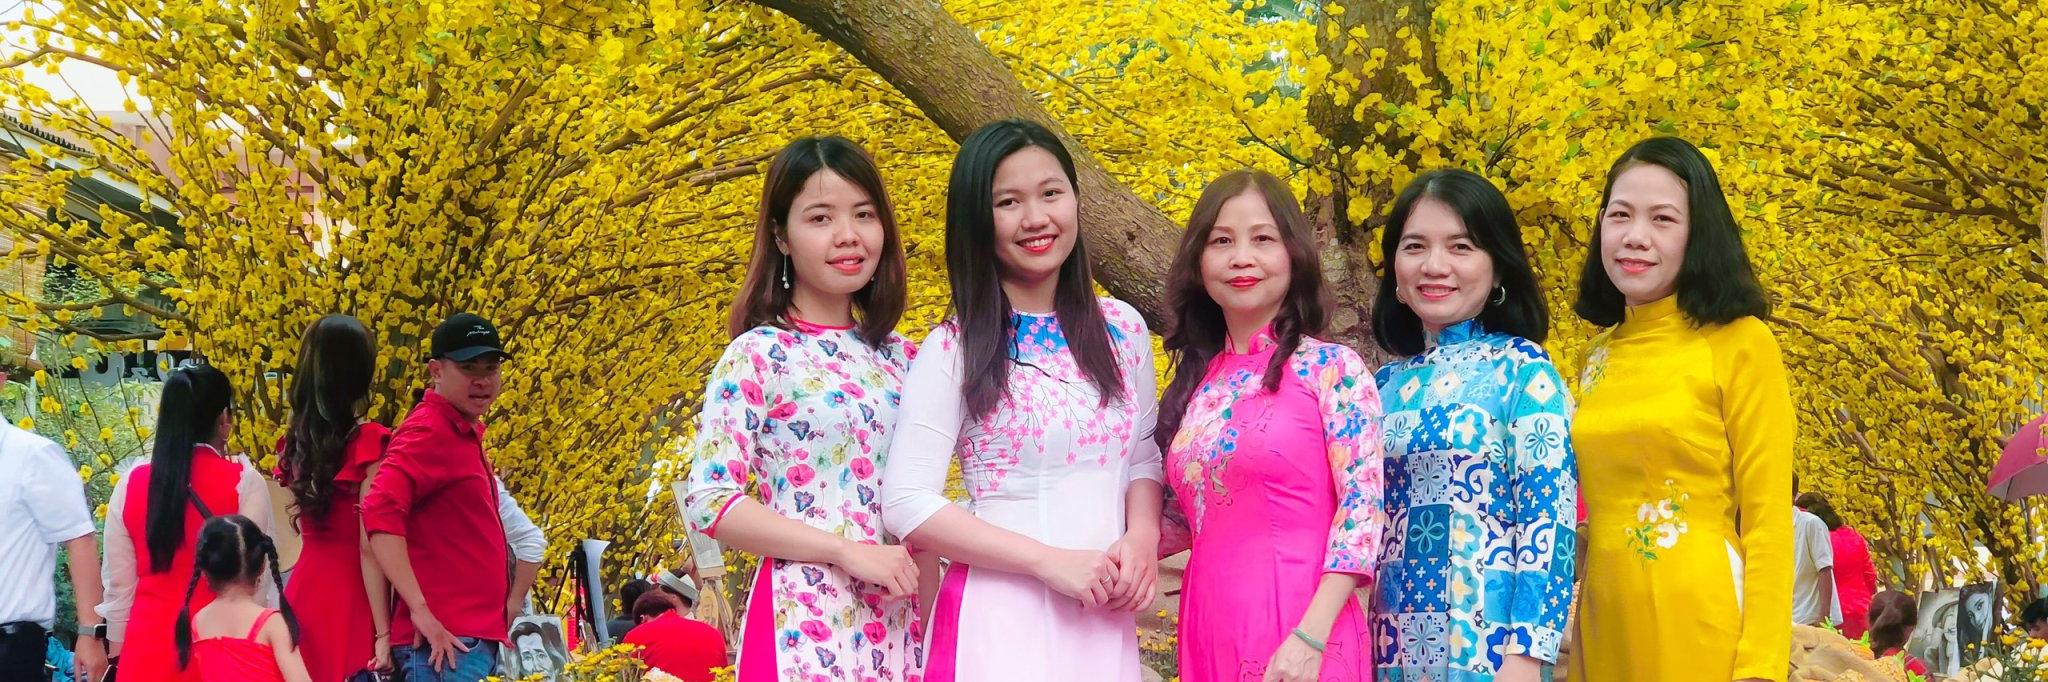 https://gody.vn/blog/huynhthu999937253/post/xuan-ve-noi-sai-thanh-2020-7819